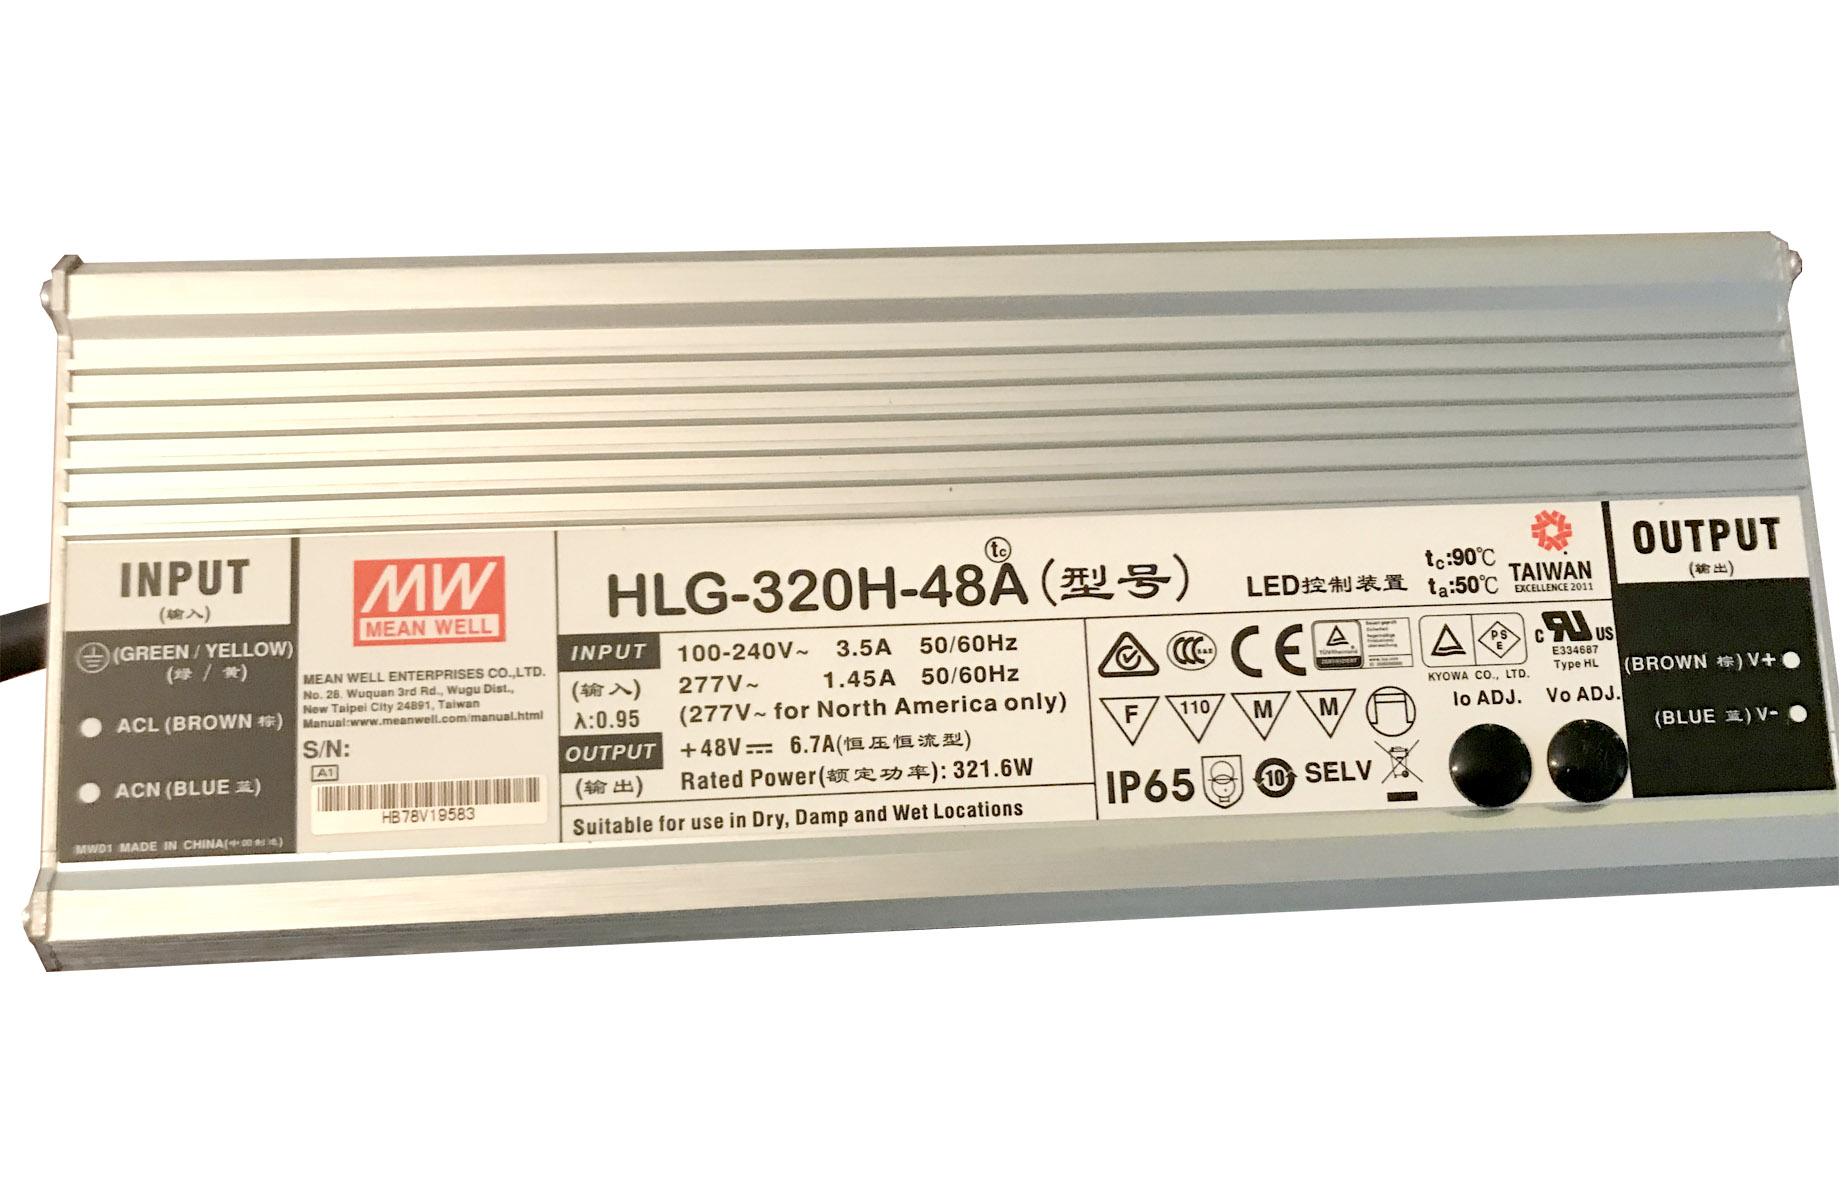 hlg-320h-48a